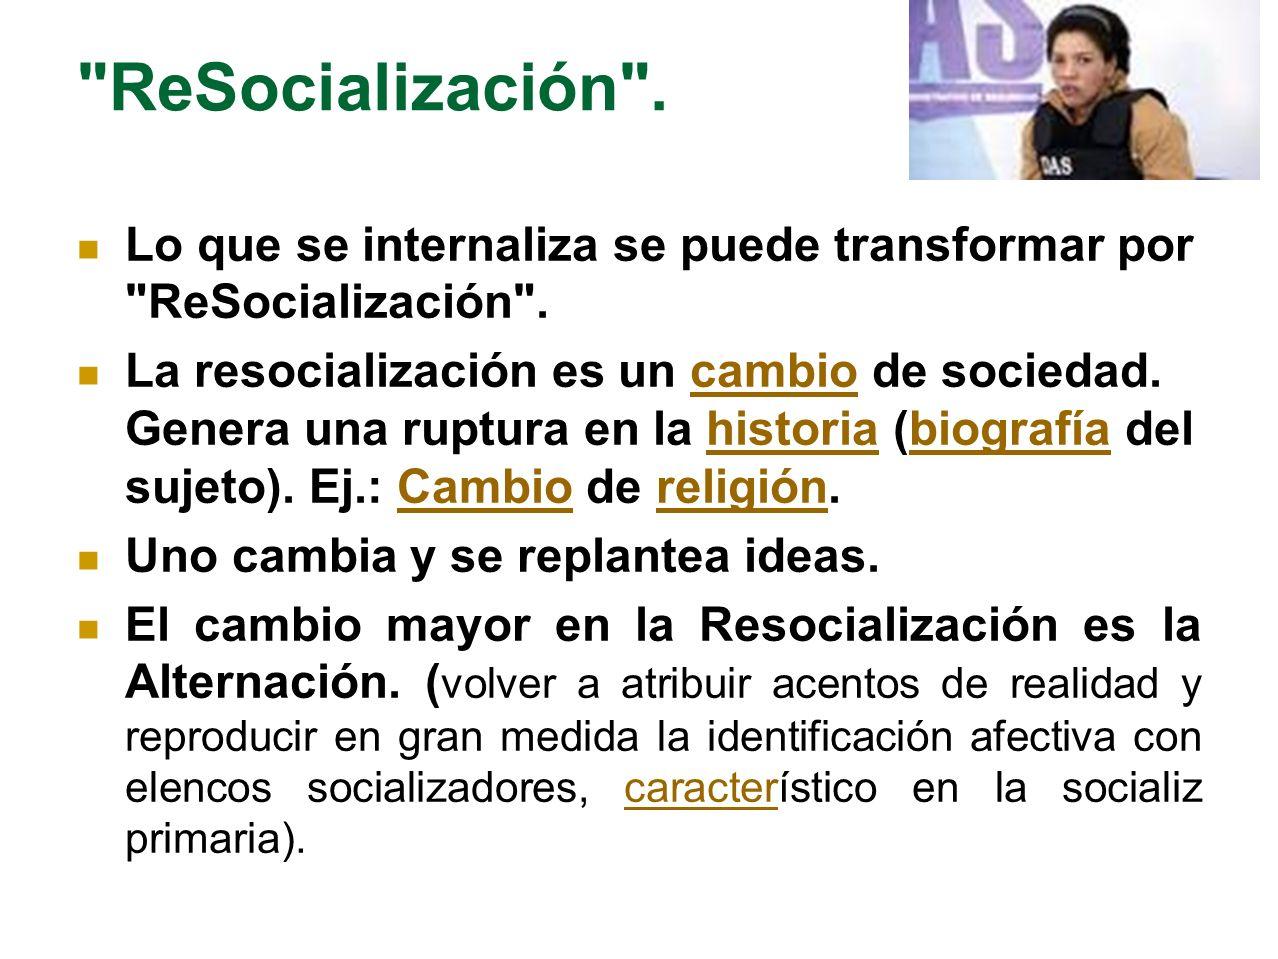 ReSocialización . Lo que se internaliza se puede transformar por ReSocialización .